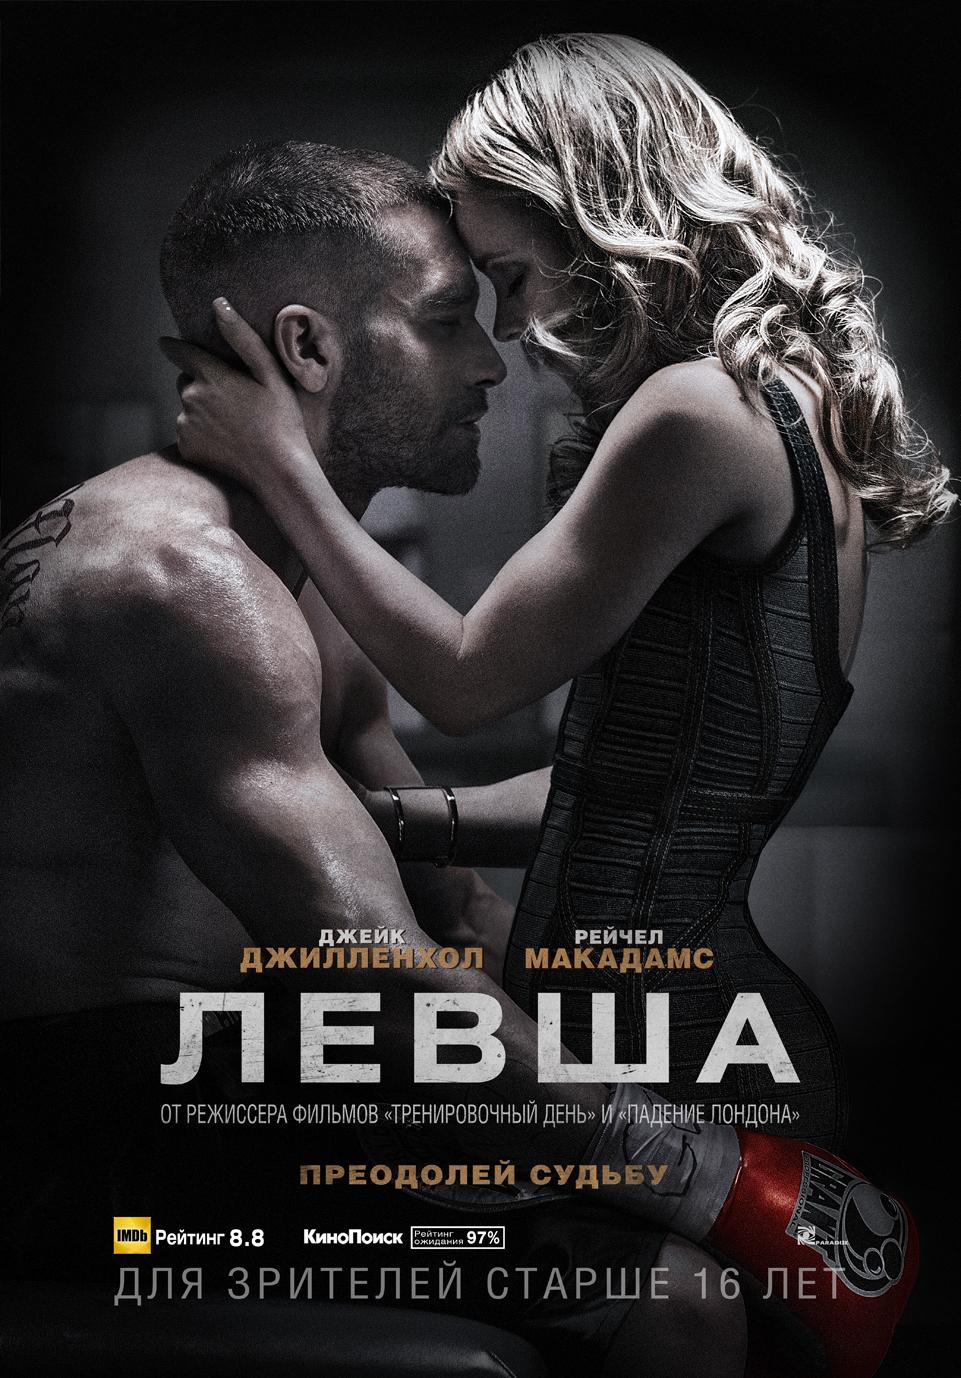 Фильм о негре боксере